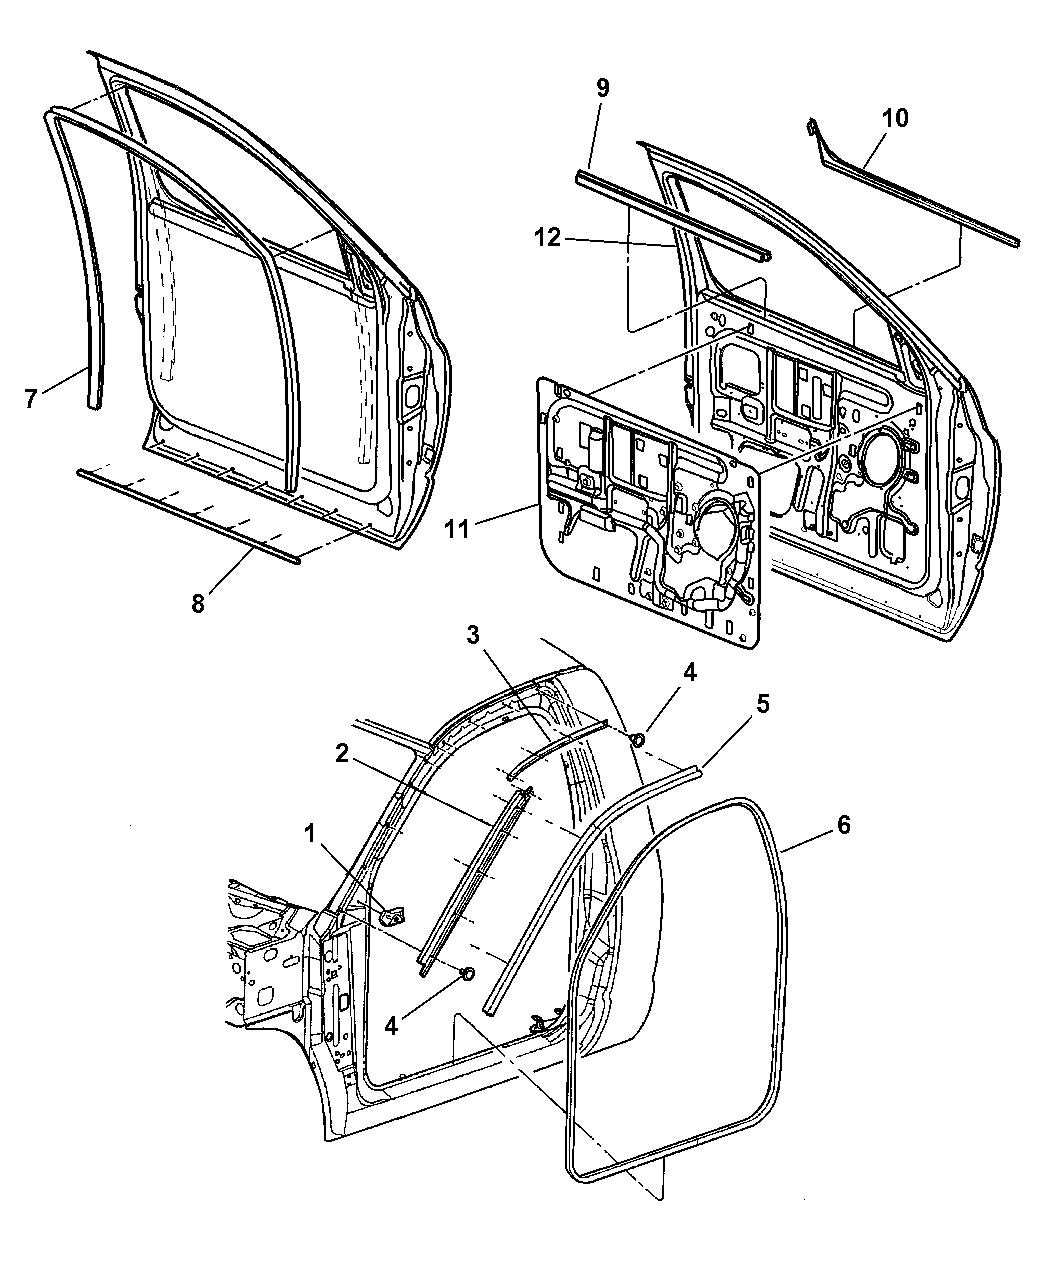 2005 Dodge Ram Srt 10 Engine Diagram. Dodge. Auto Wiring